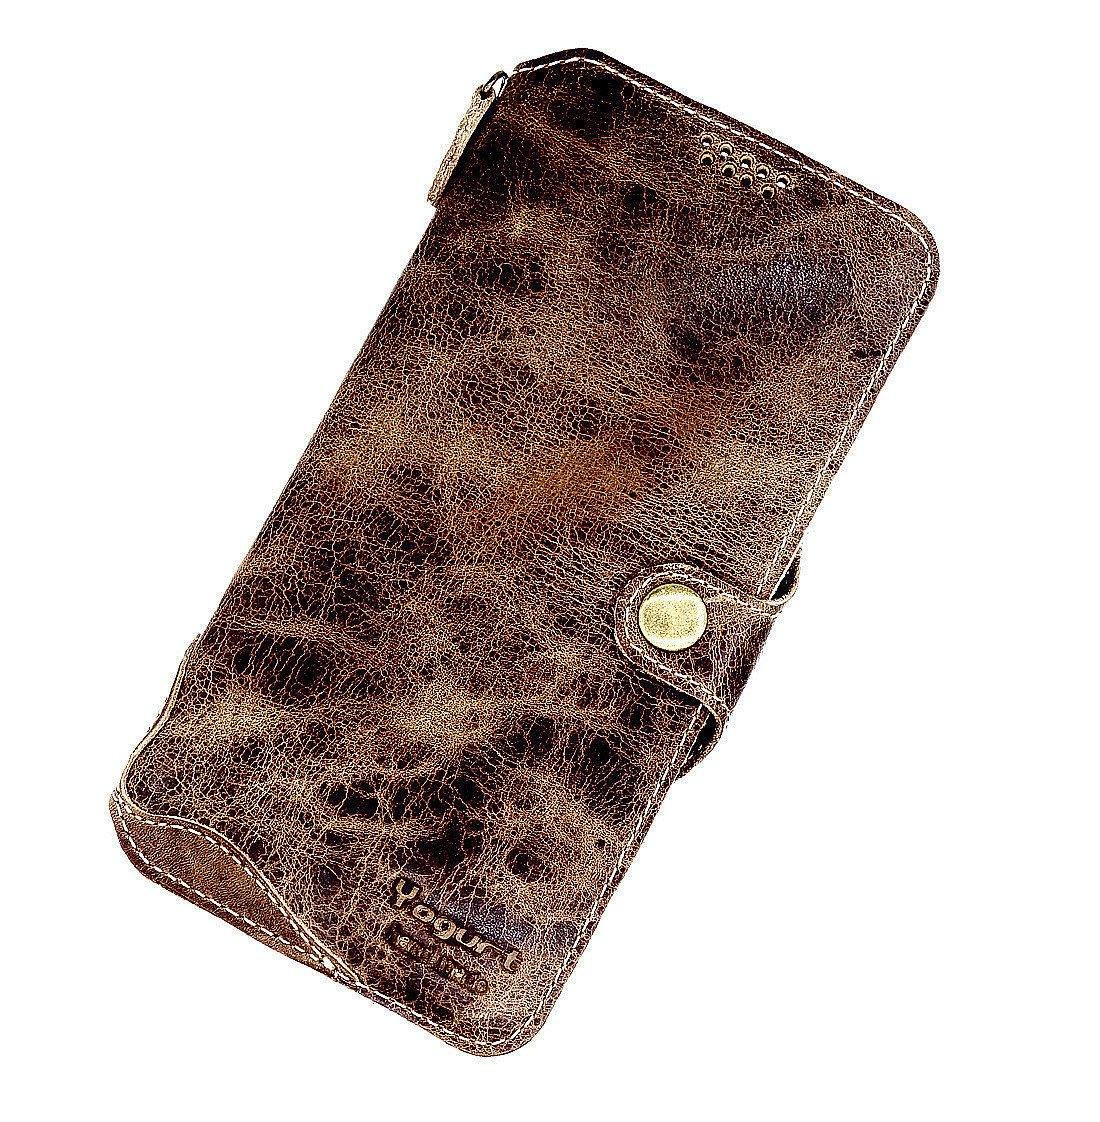 Funda de piel para teléfonos móviles Yogurt, funda de piel auténtica, funda de piel hecha a mano, cartera P20pro, compatible con Huawei P20 Pro: Amazon.es: ...